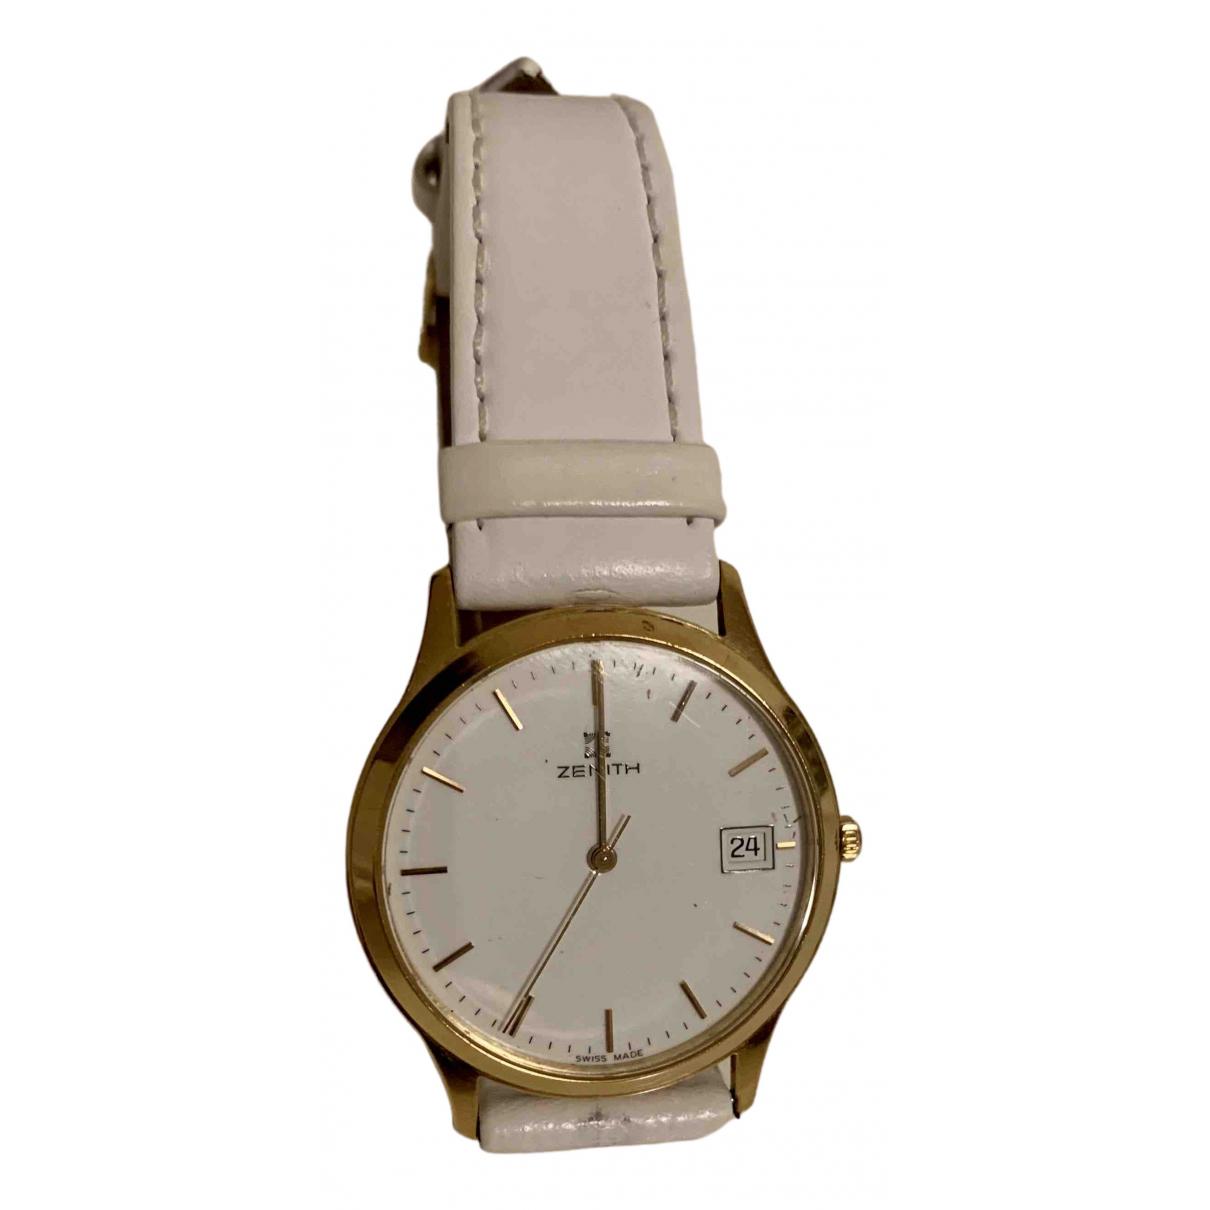 Zenith \N Uhr in  Weiss Gelbgold